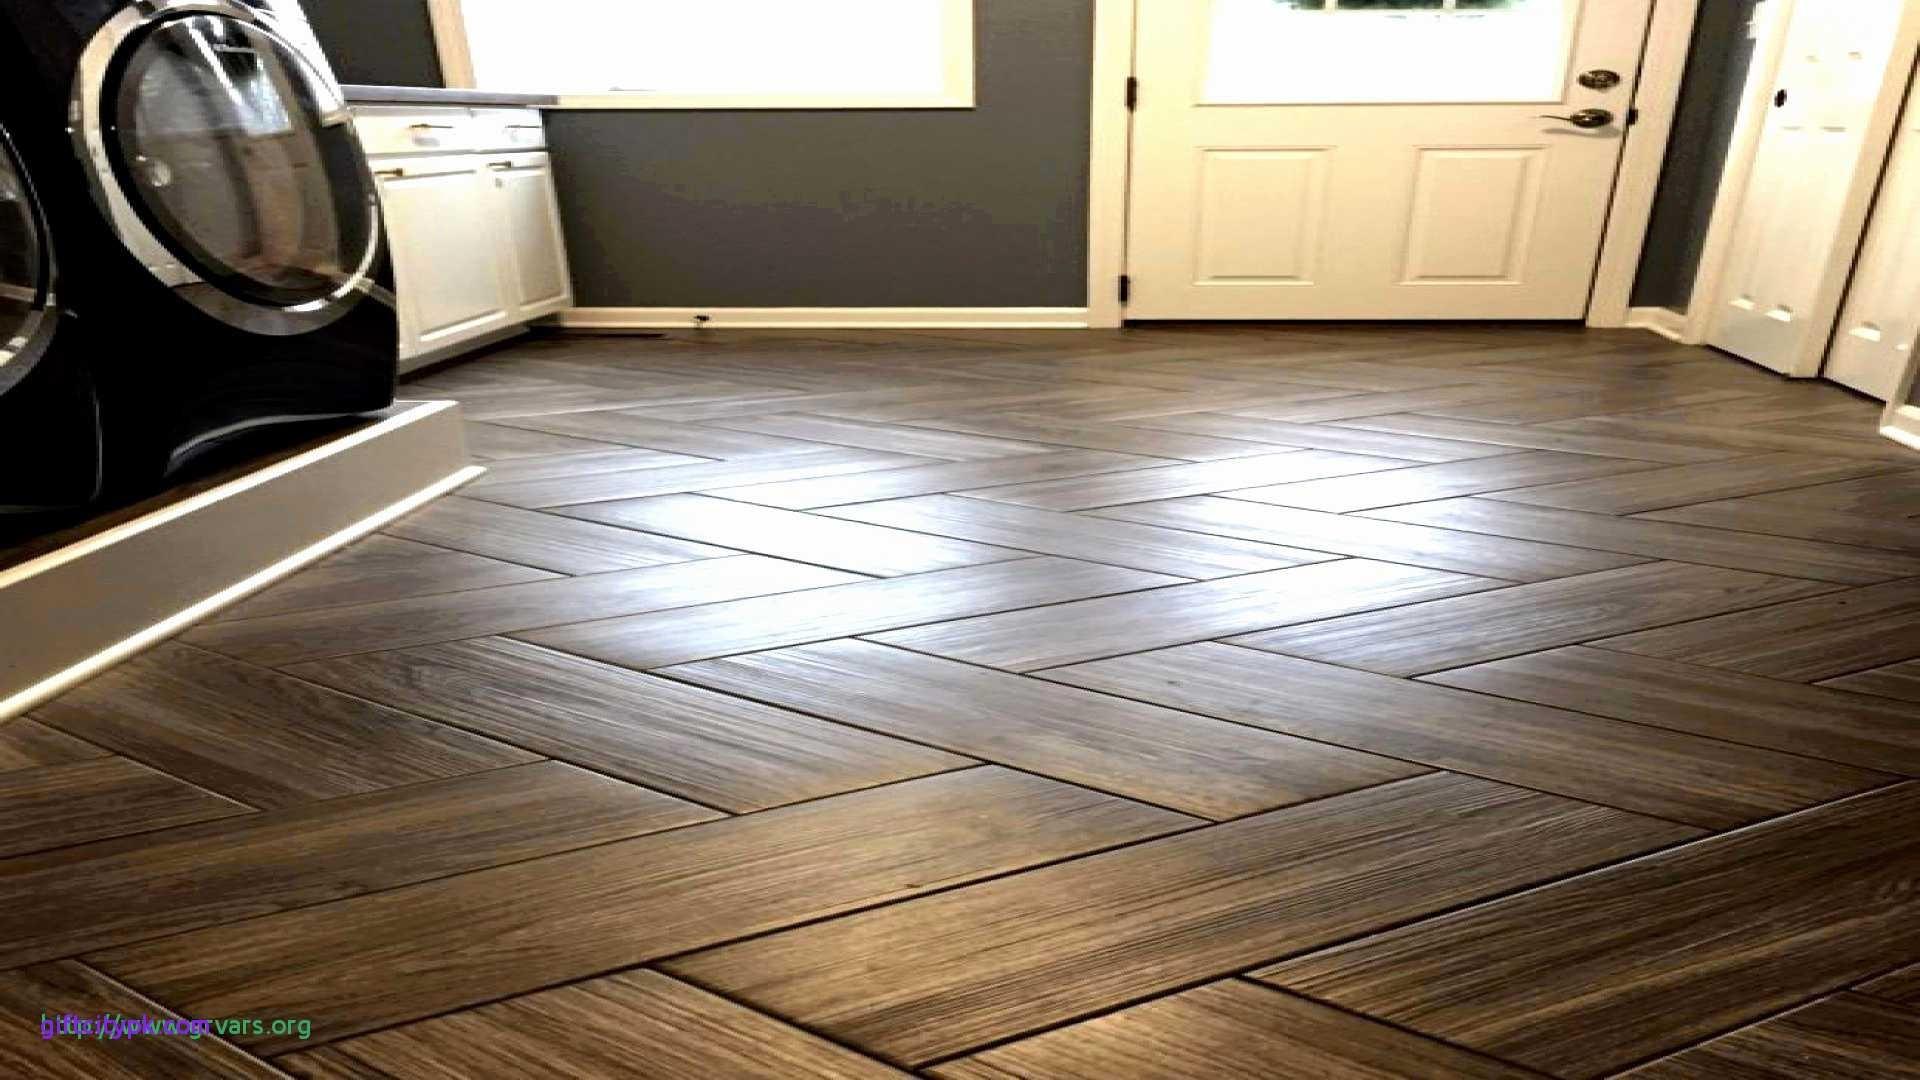 discount bruce hardwood flooring of 25 beautiful laminate floor care flooring ideas part 6727 pertaining to laminate floor care best of chemical free flooring tcitypk tcitypk of 25 beautiful laminate floor care